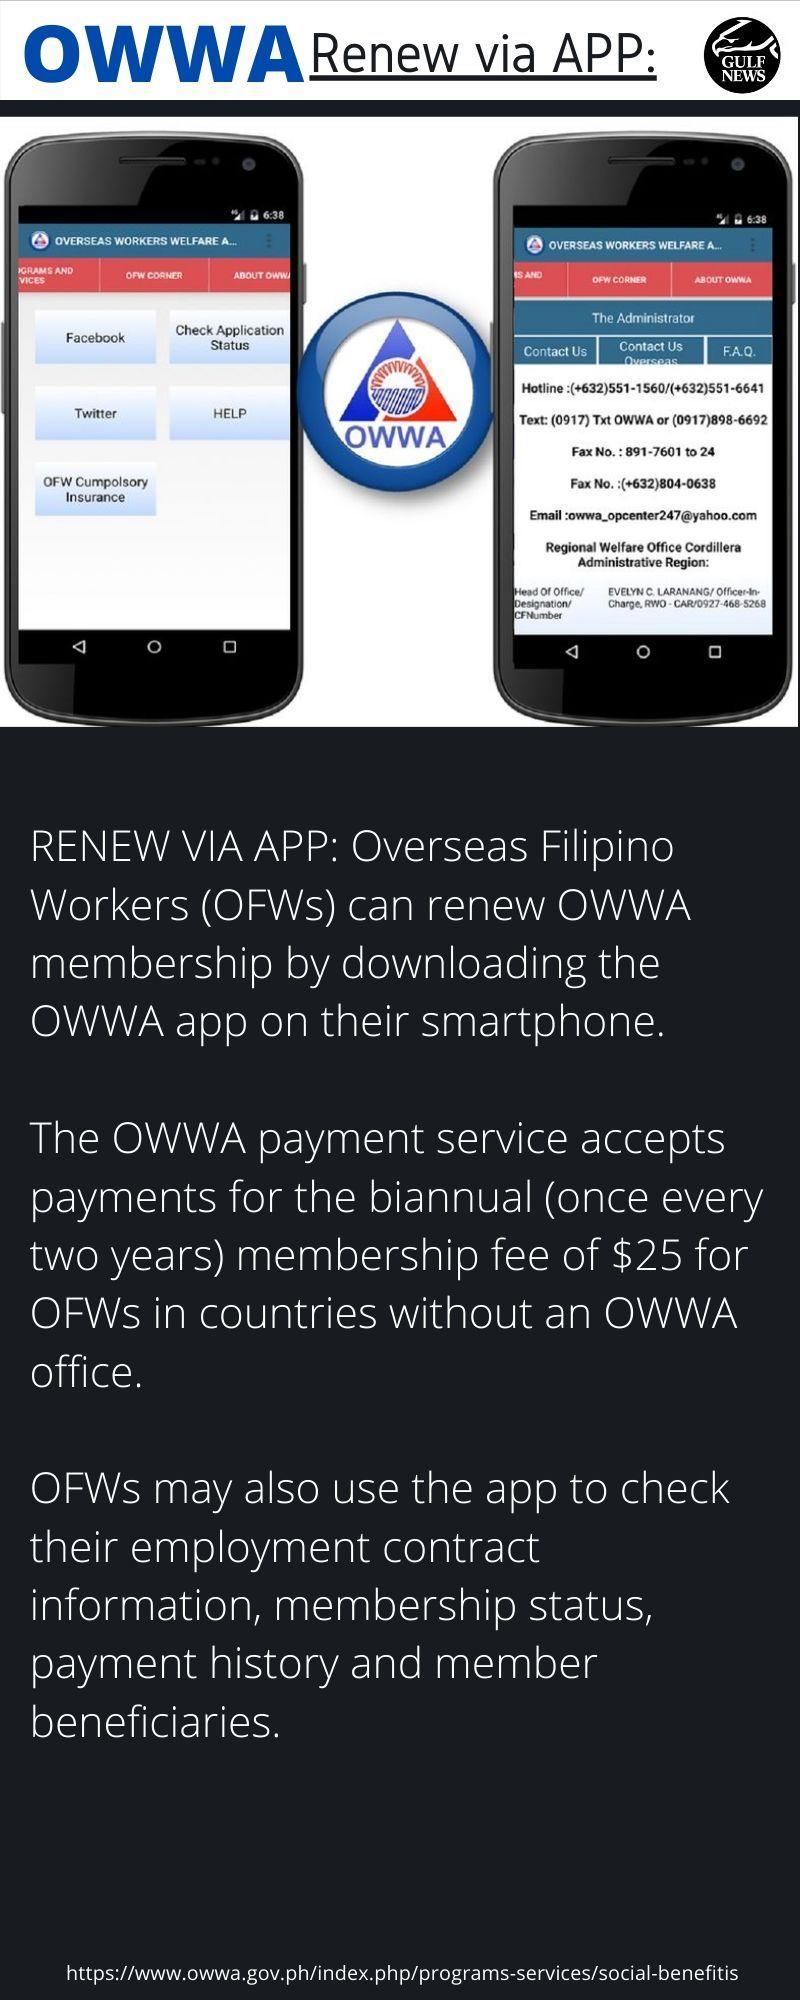 OWWA app 01